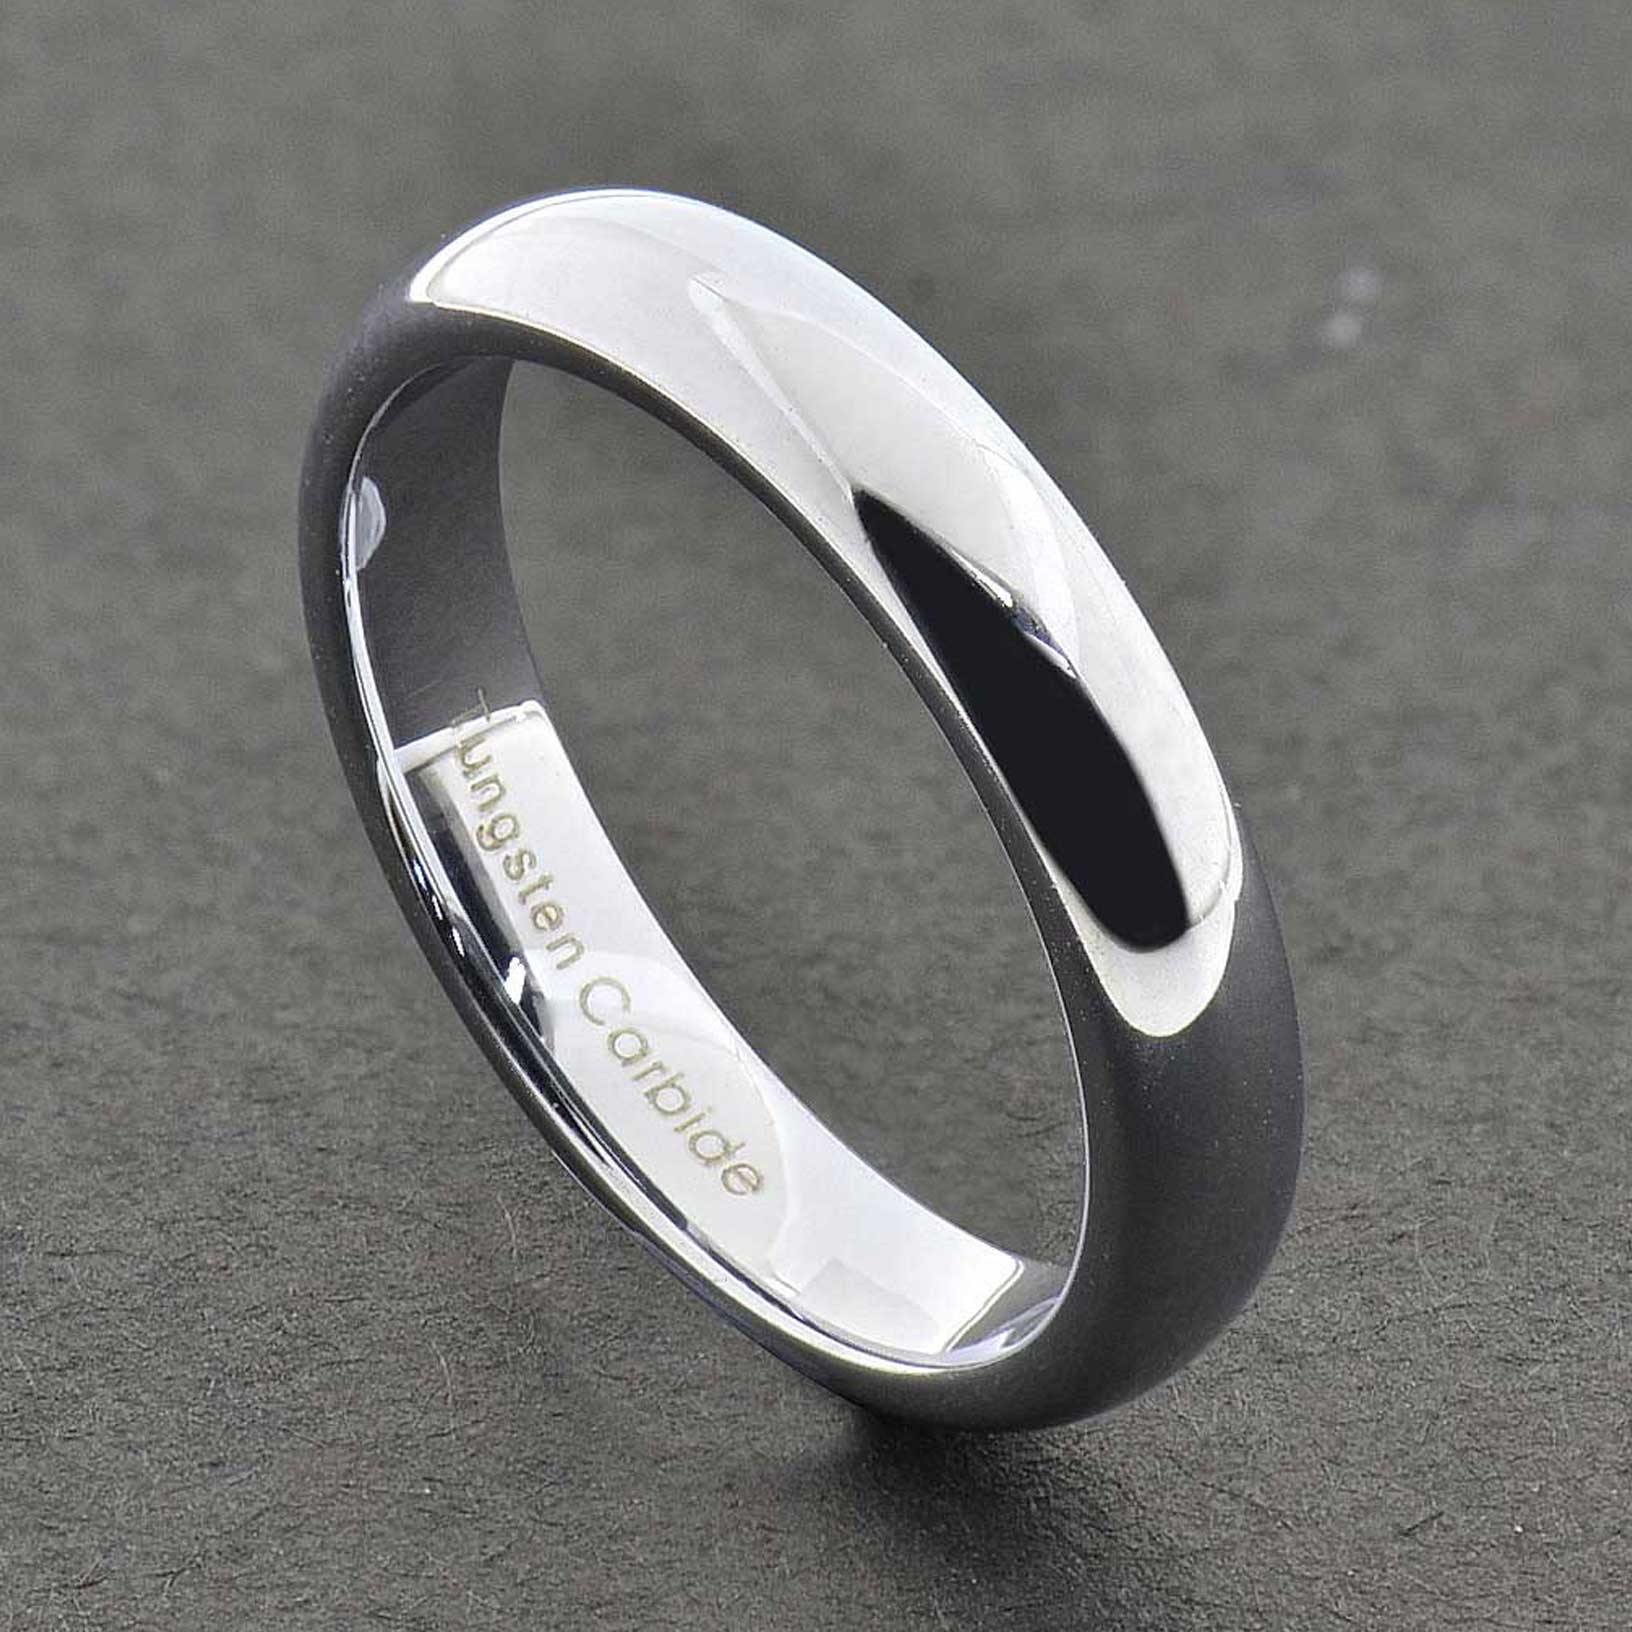 Tungsten Carbide Womens Wedding Bands